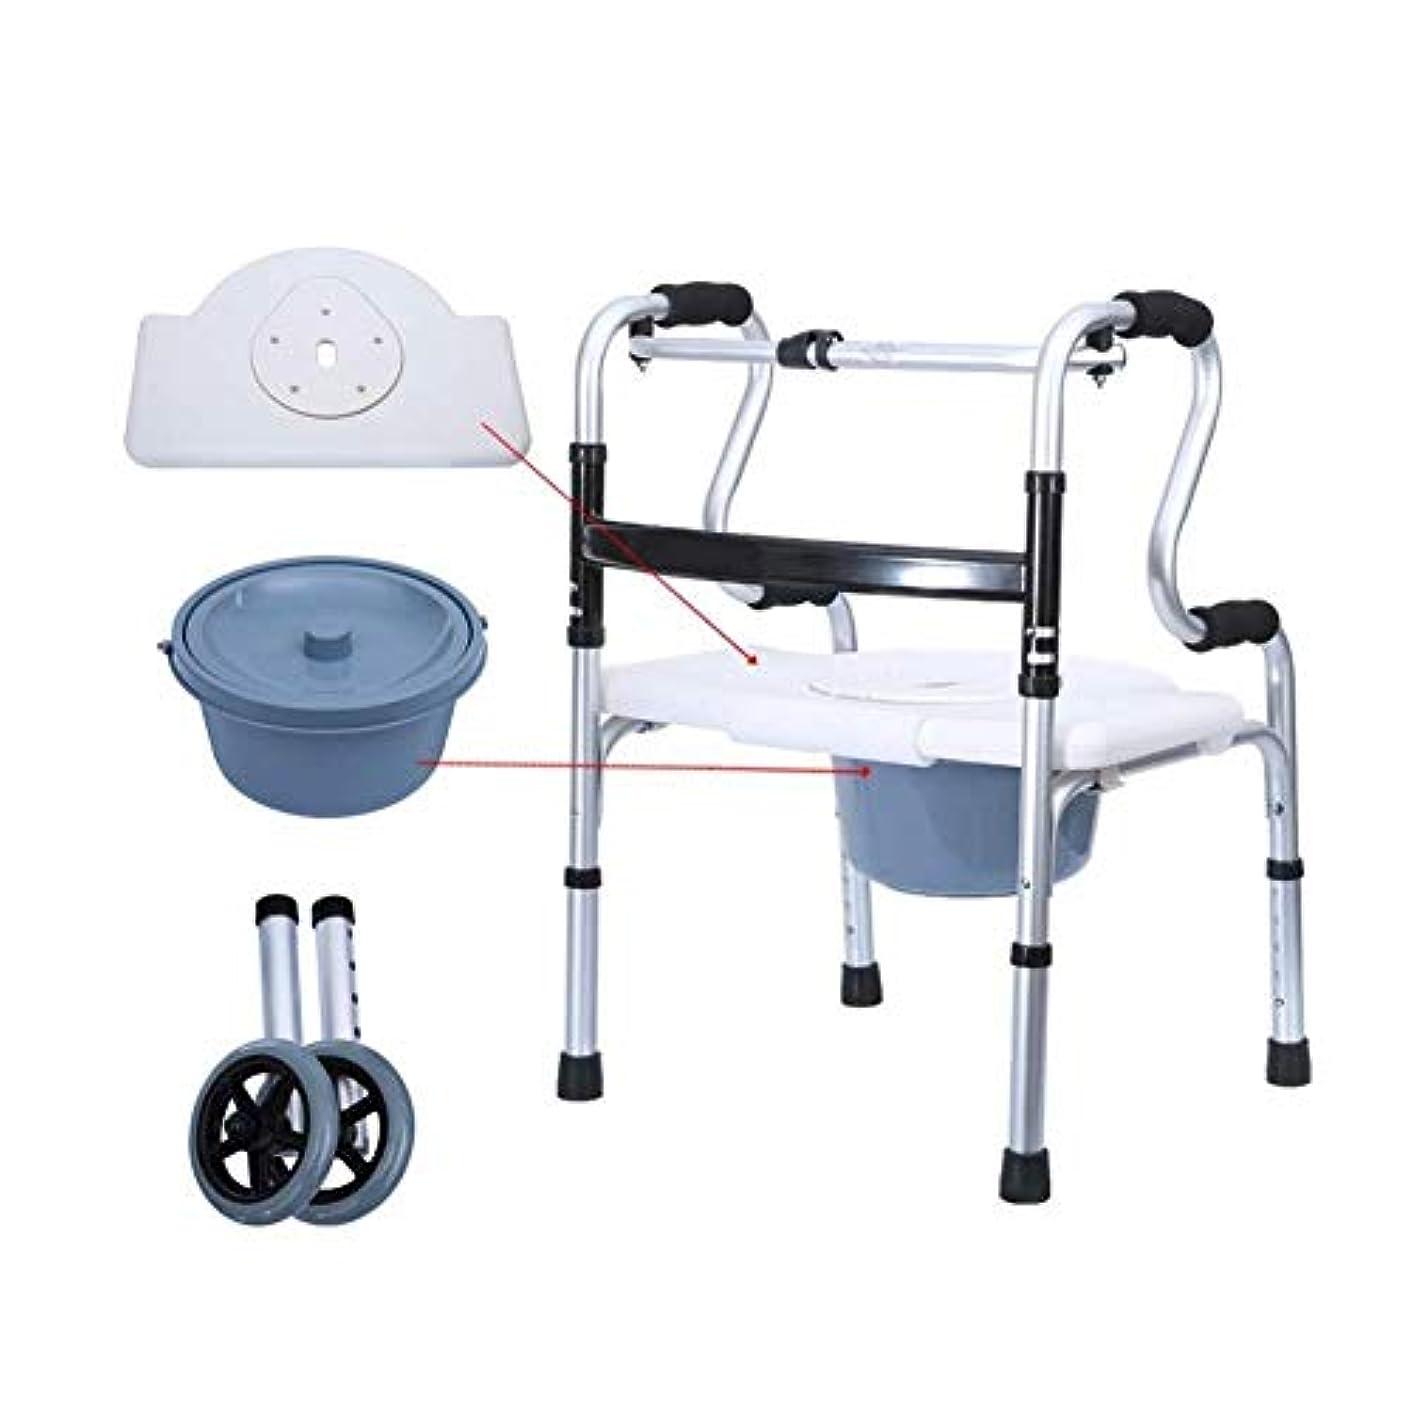 スラム街証人生産的折りたたみ式軽量アルミニウム合金歩行障害者老人用松葉杖歩行補助椅子